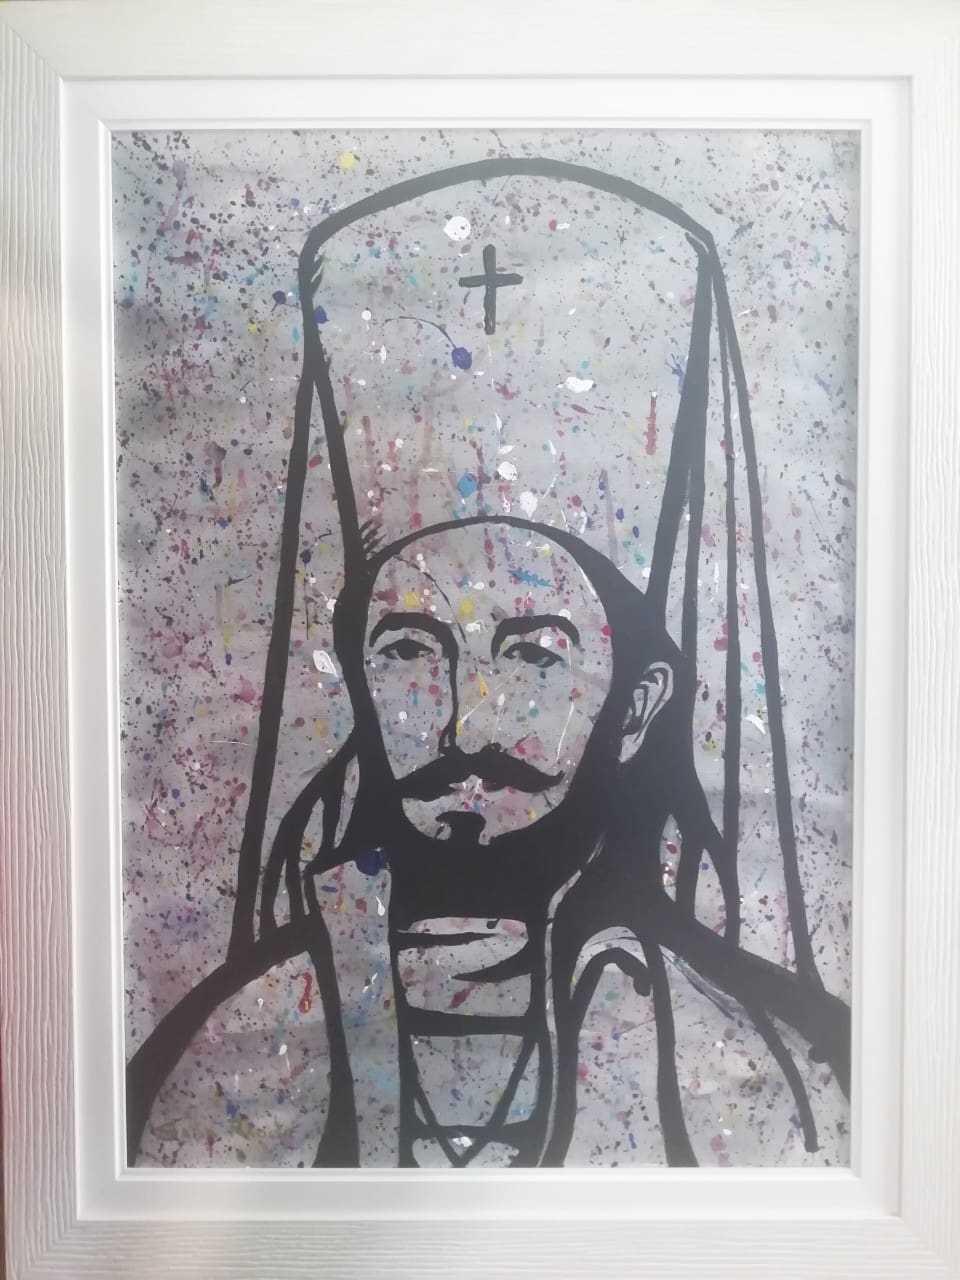 Saša Radišić - Luča, akrilik na platnu, 2013. cijena 500€